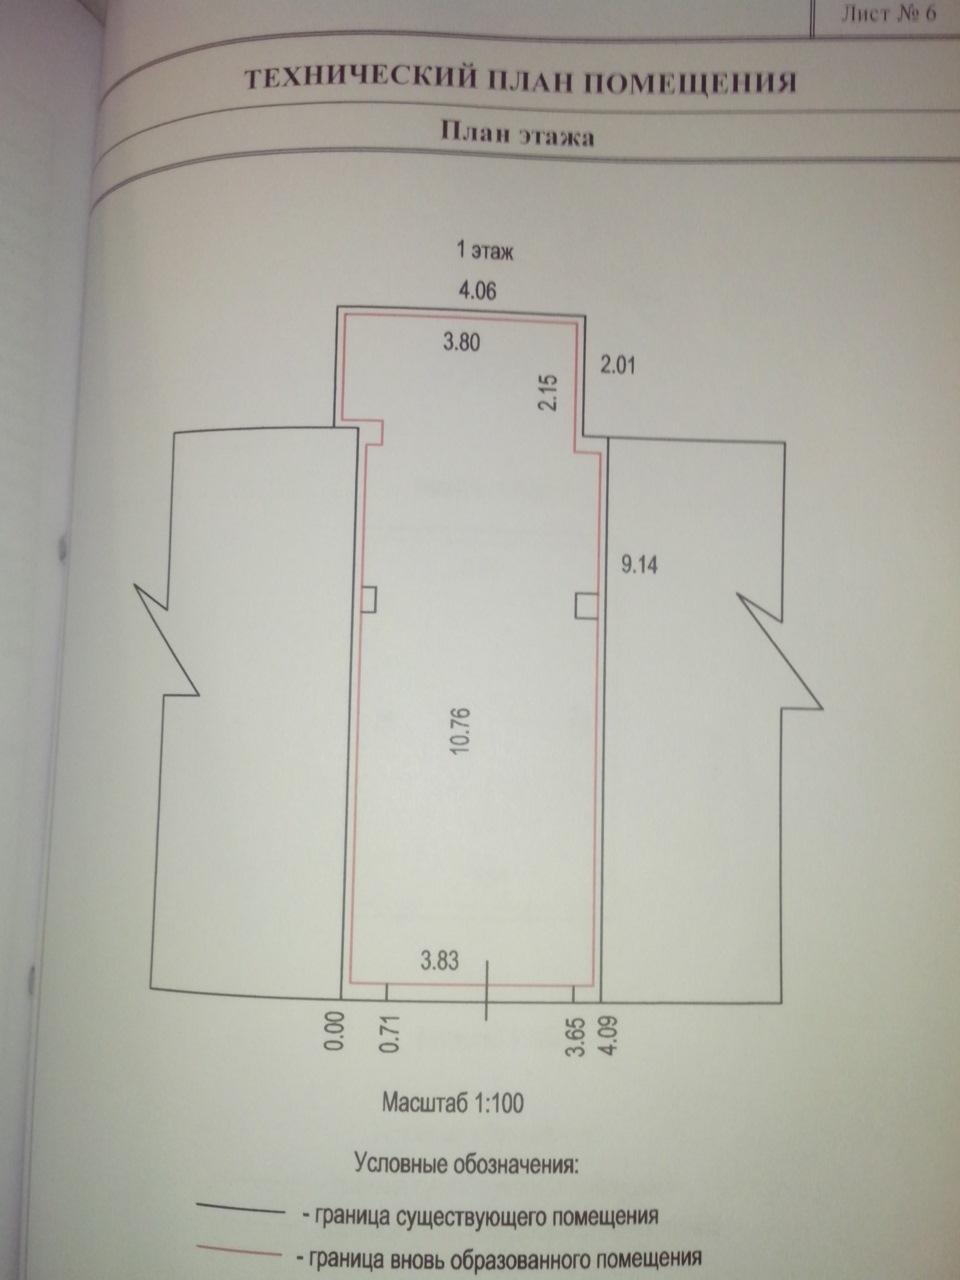 фото с ценами и планировки с размерами